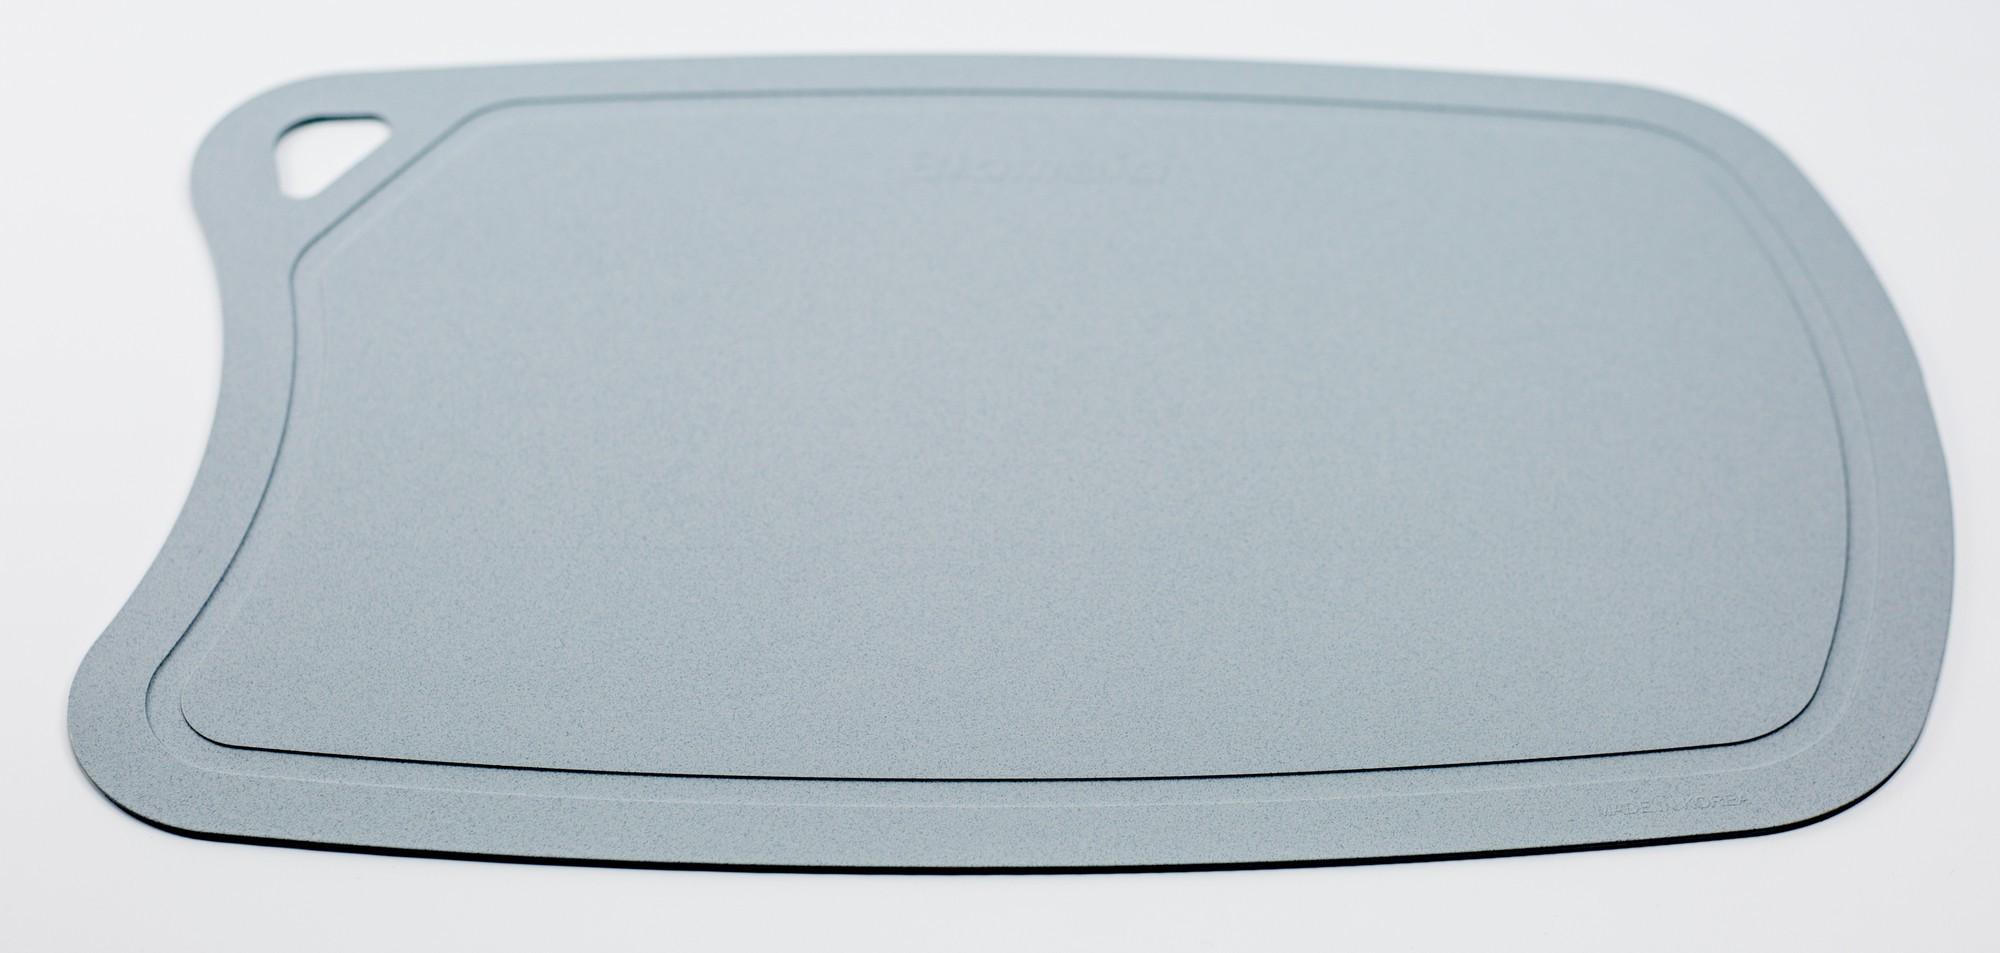 цены Доска разделочная BIOMAID угольная, термопластичный полиуретан, серая